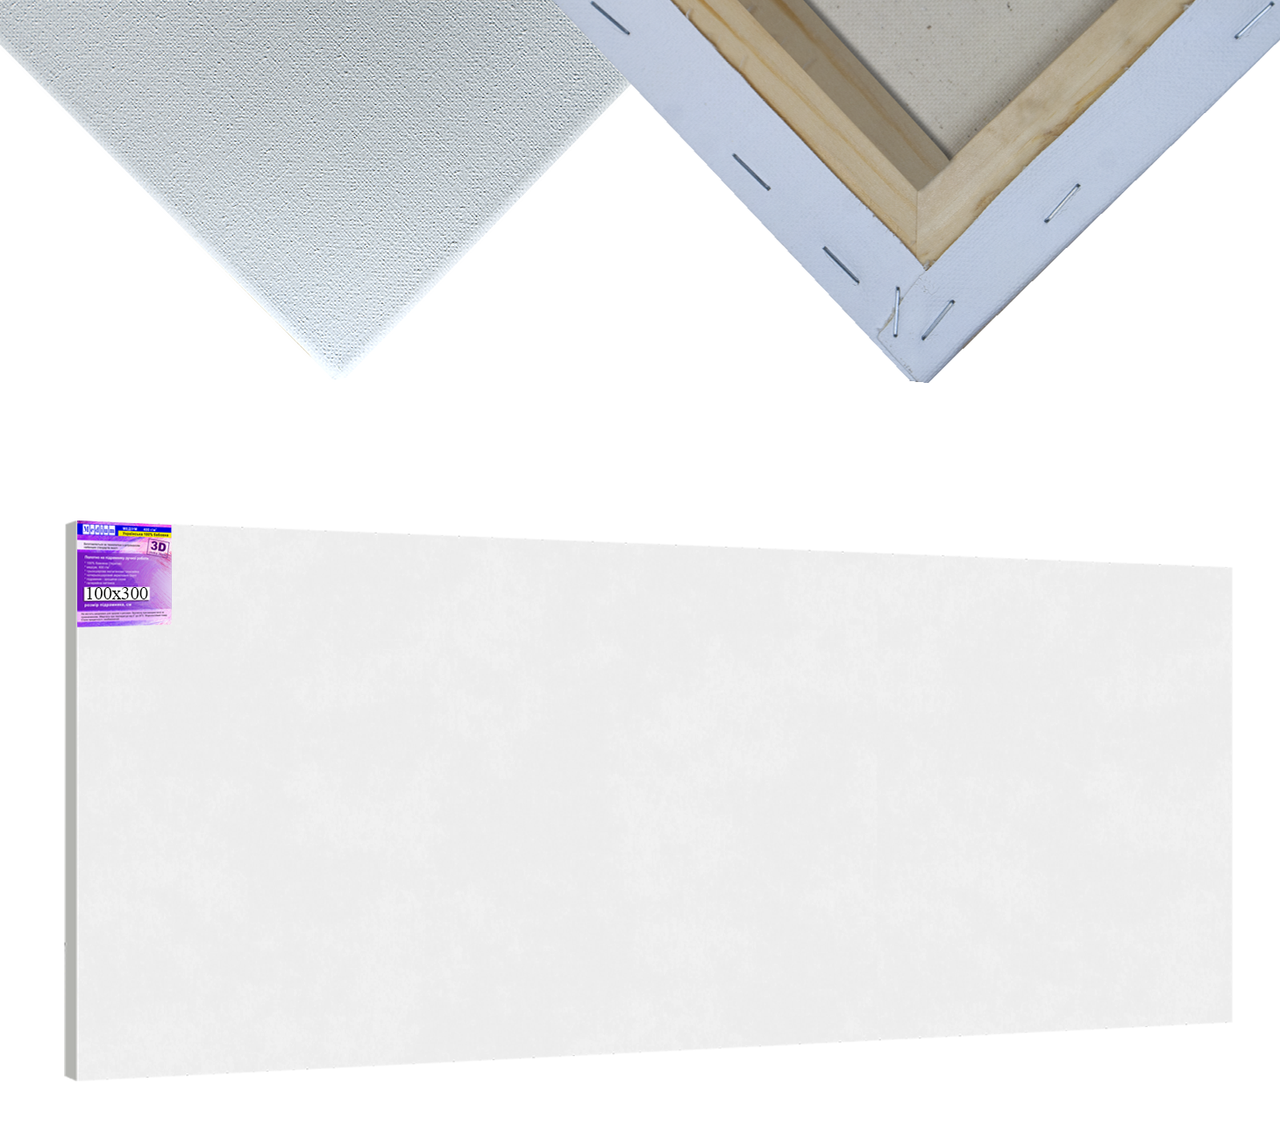 Полотно на підрамнику Factura Gallery3D 100х300 см Український бавовна 400 гр./кв. м. середнє зерно (Medium) білий